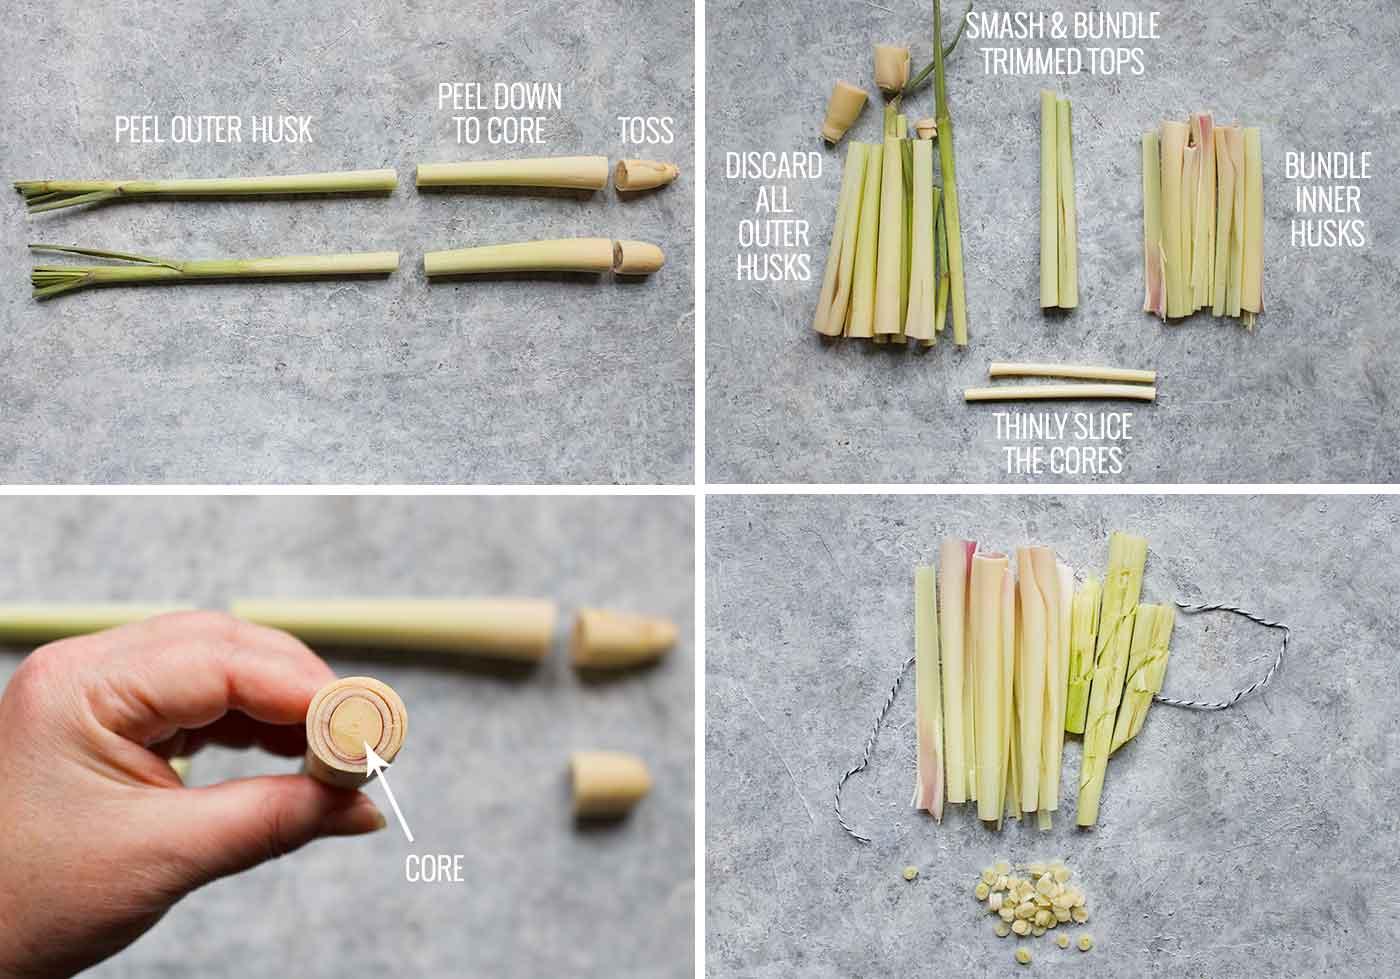 Tips for preparing fresh lemongrass